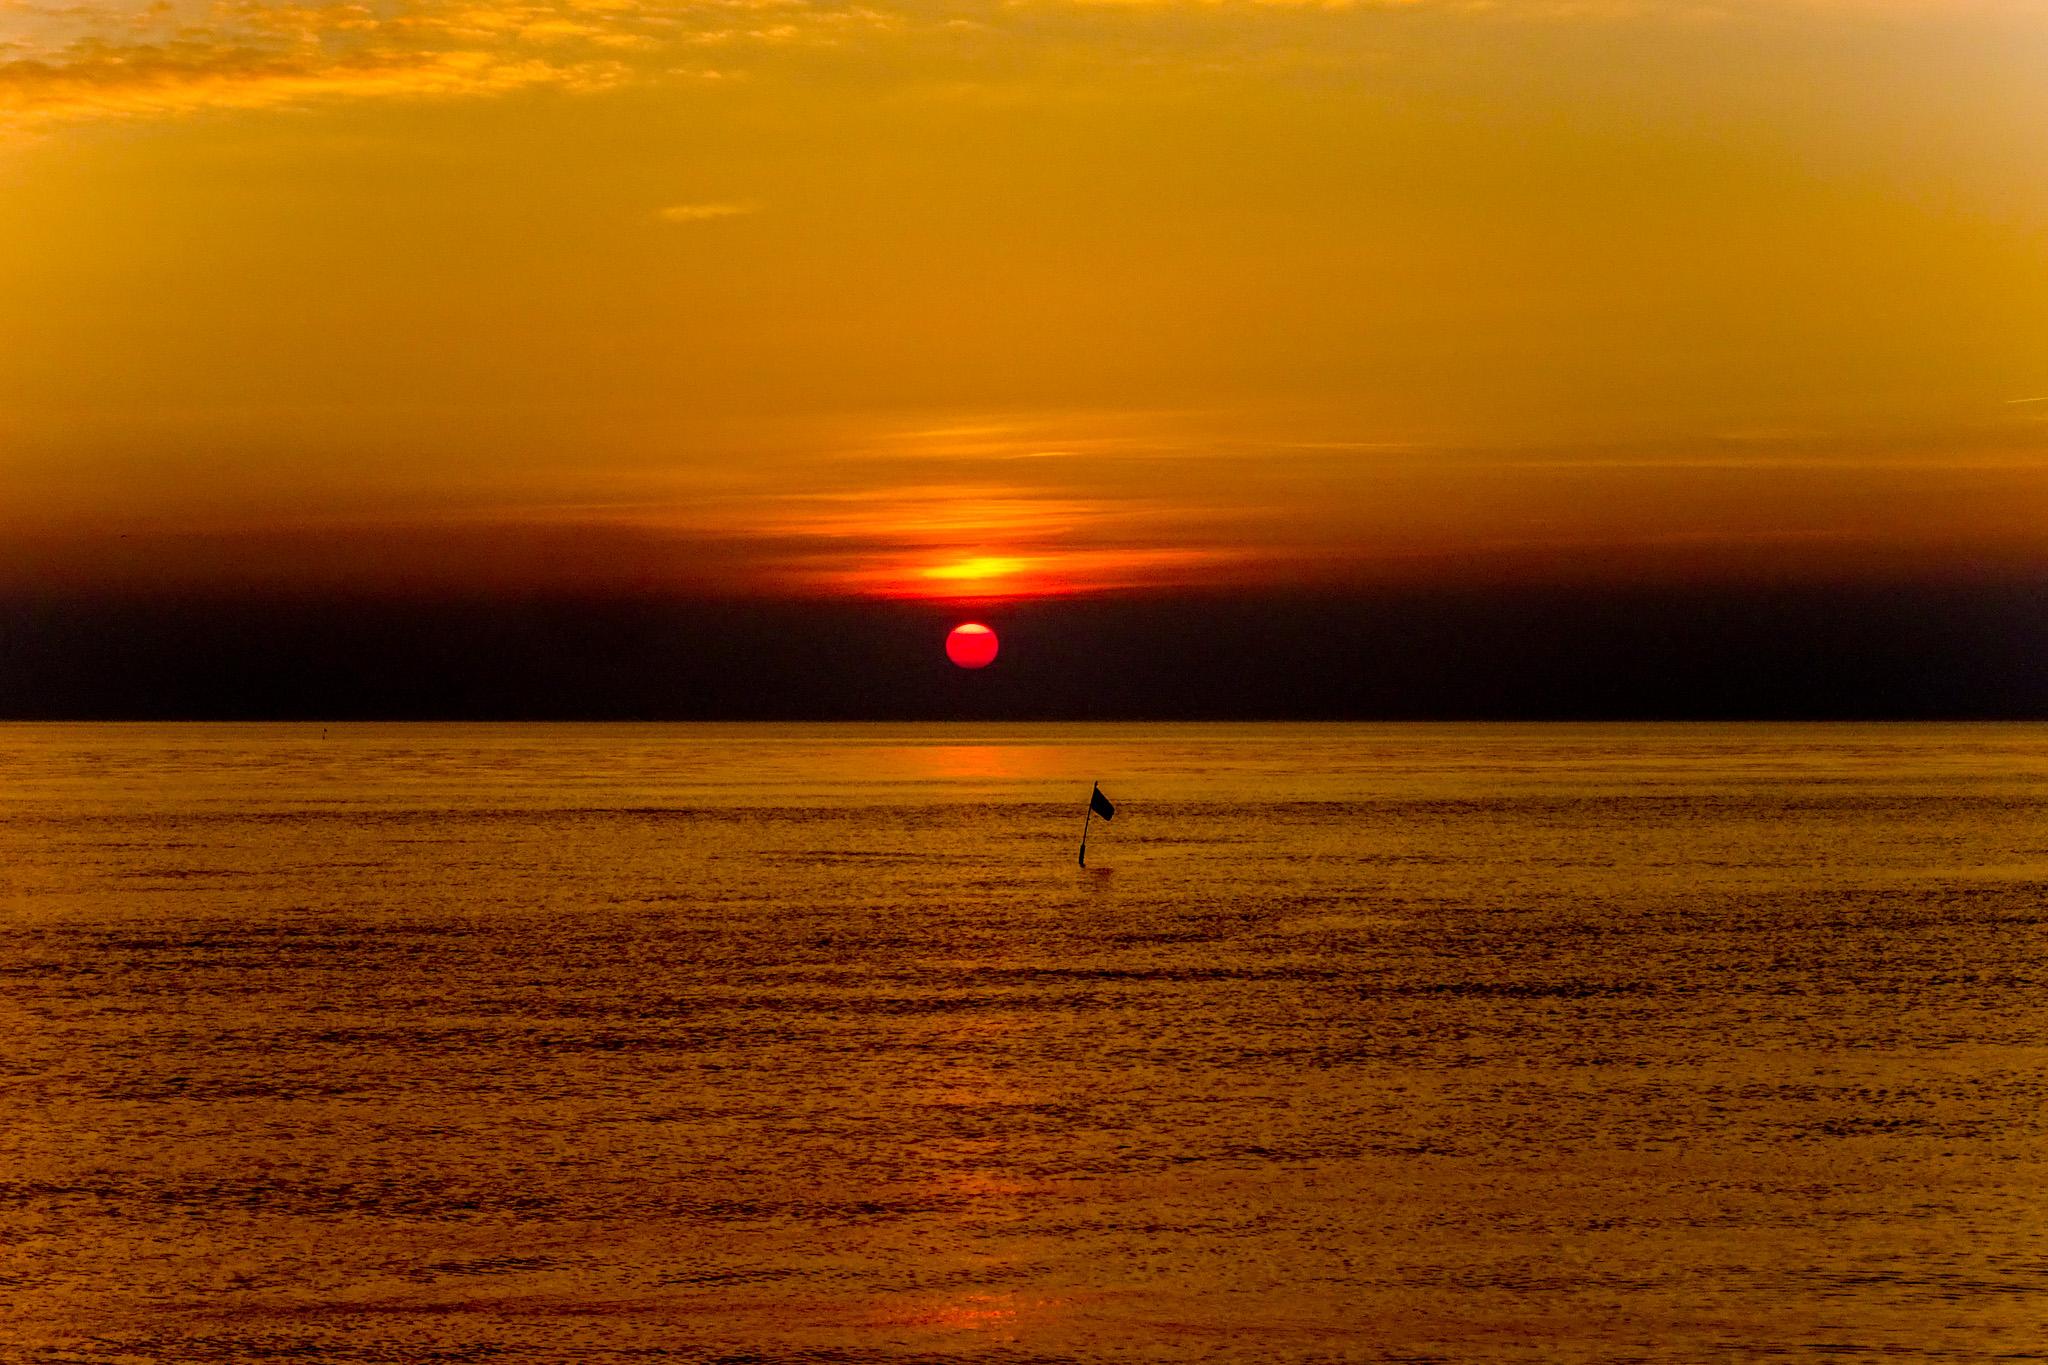 Ein stimmungsvoller Sonnenuntergang ...